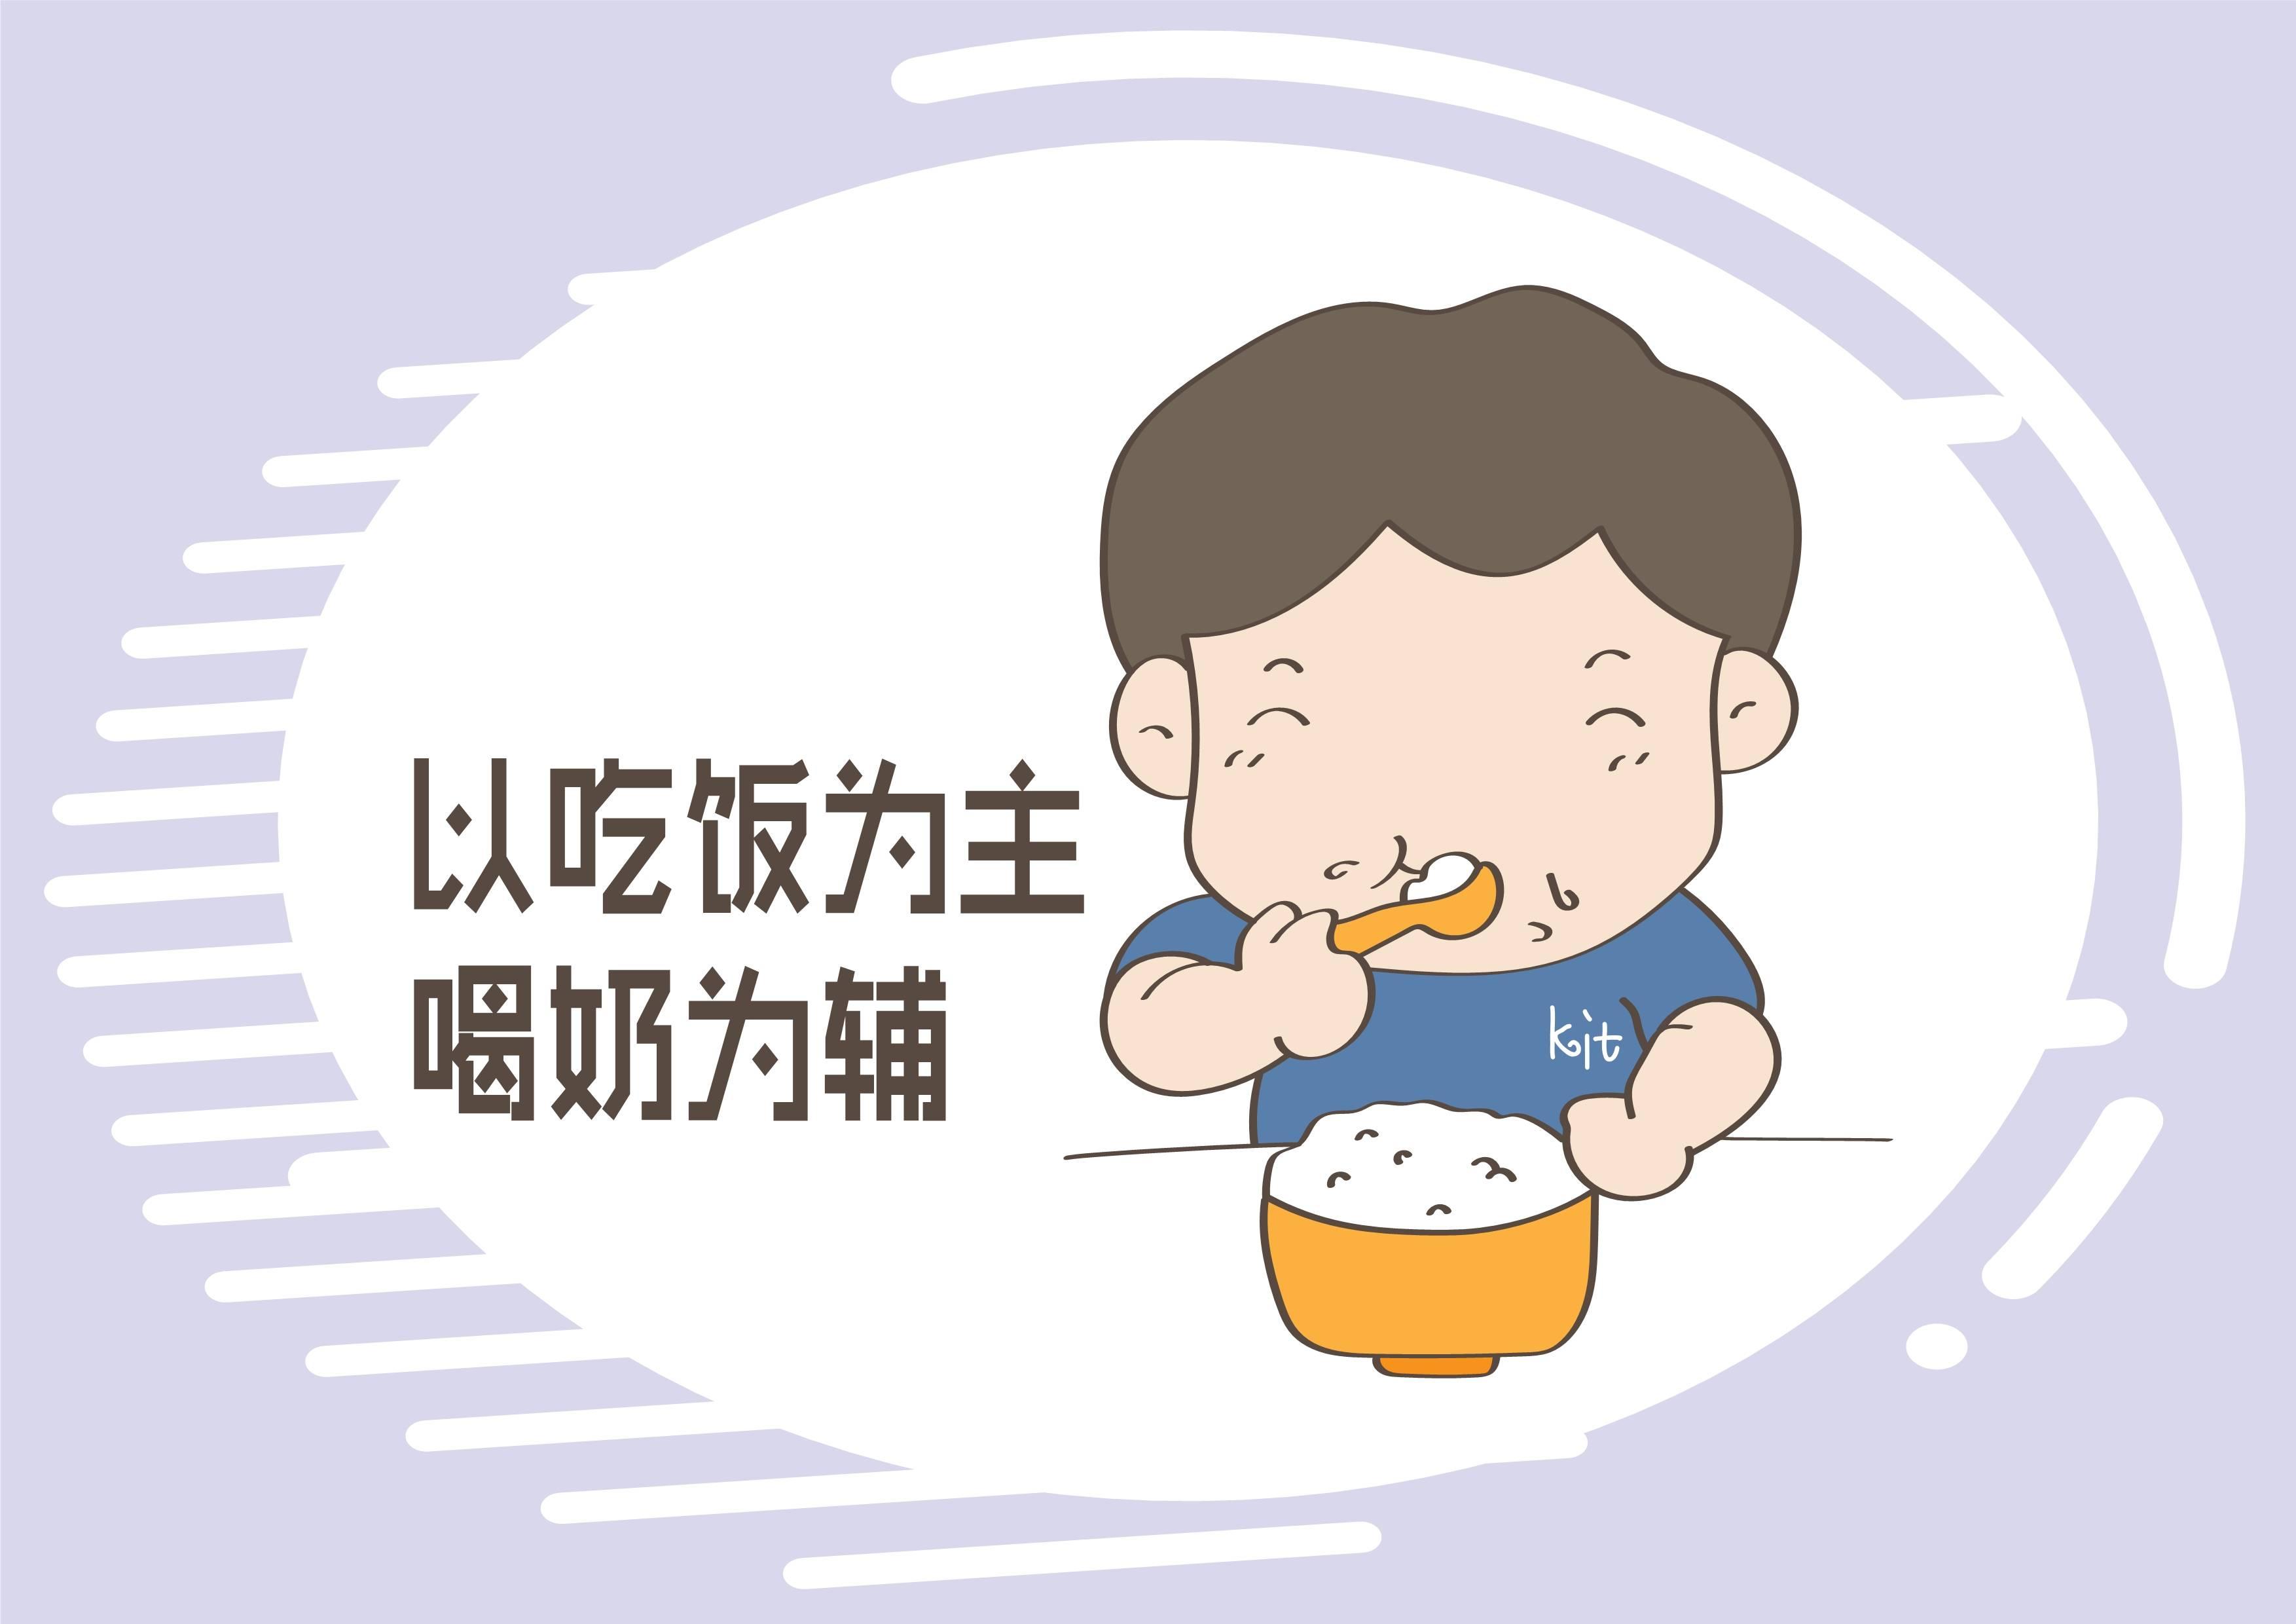 孩子满周岁后 应该多吃饭还是应该多喝奶?聪明家长别选错-家庭网